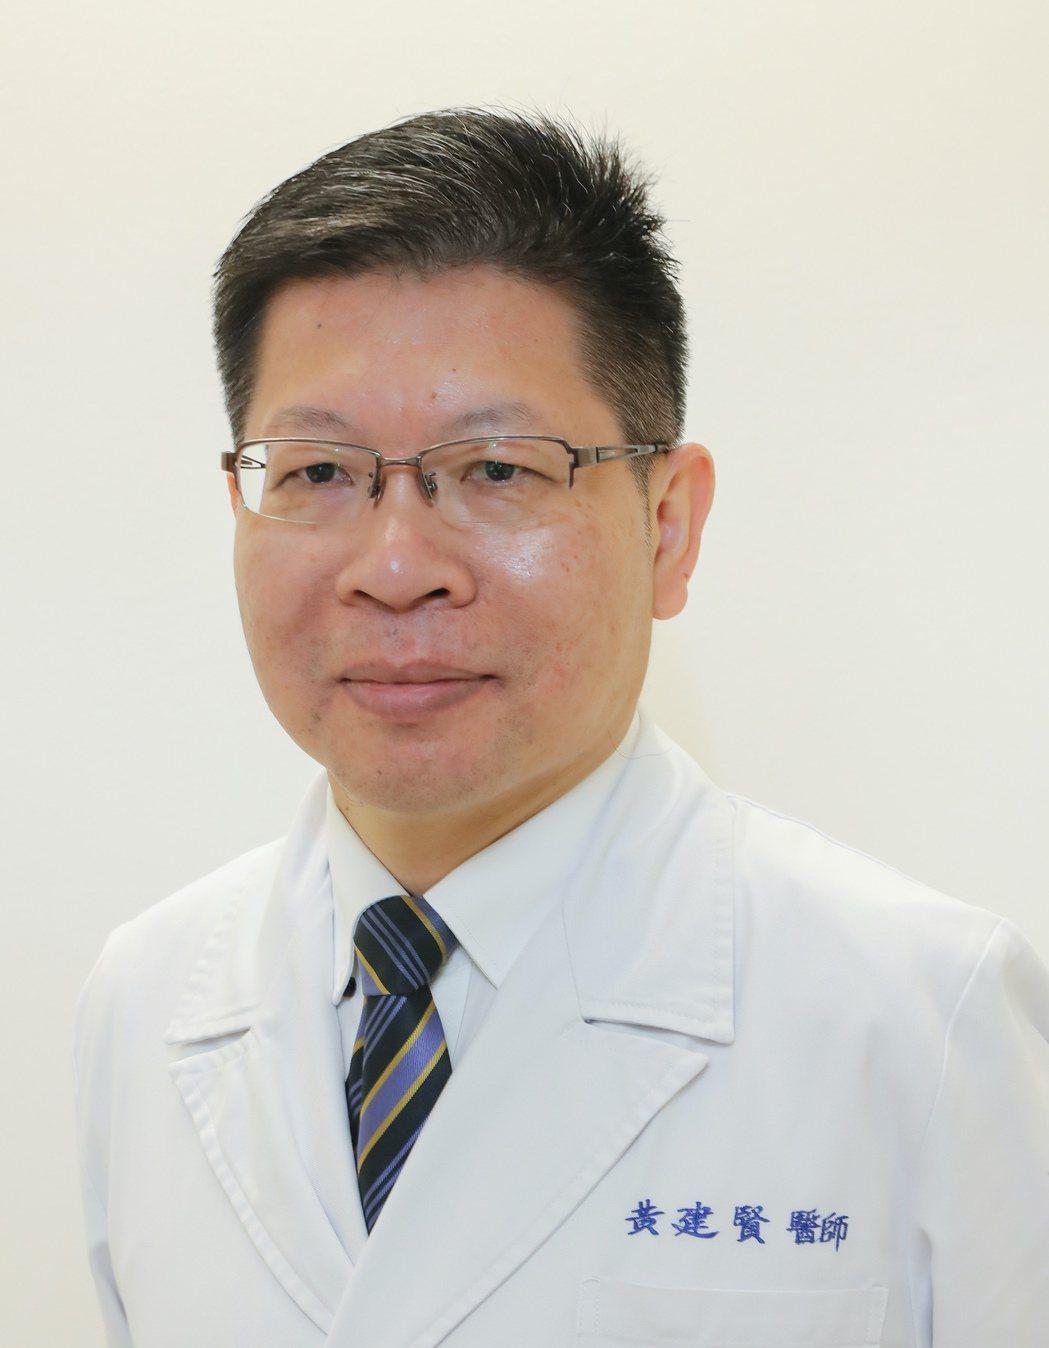 新光醫院感染科主任黃建賢醫師說,「現有肺炎疫苗,無法預防新冠肺炎,但可減少因感染...